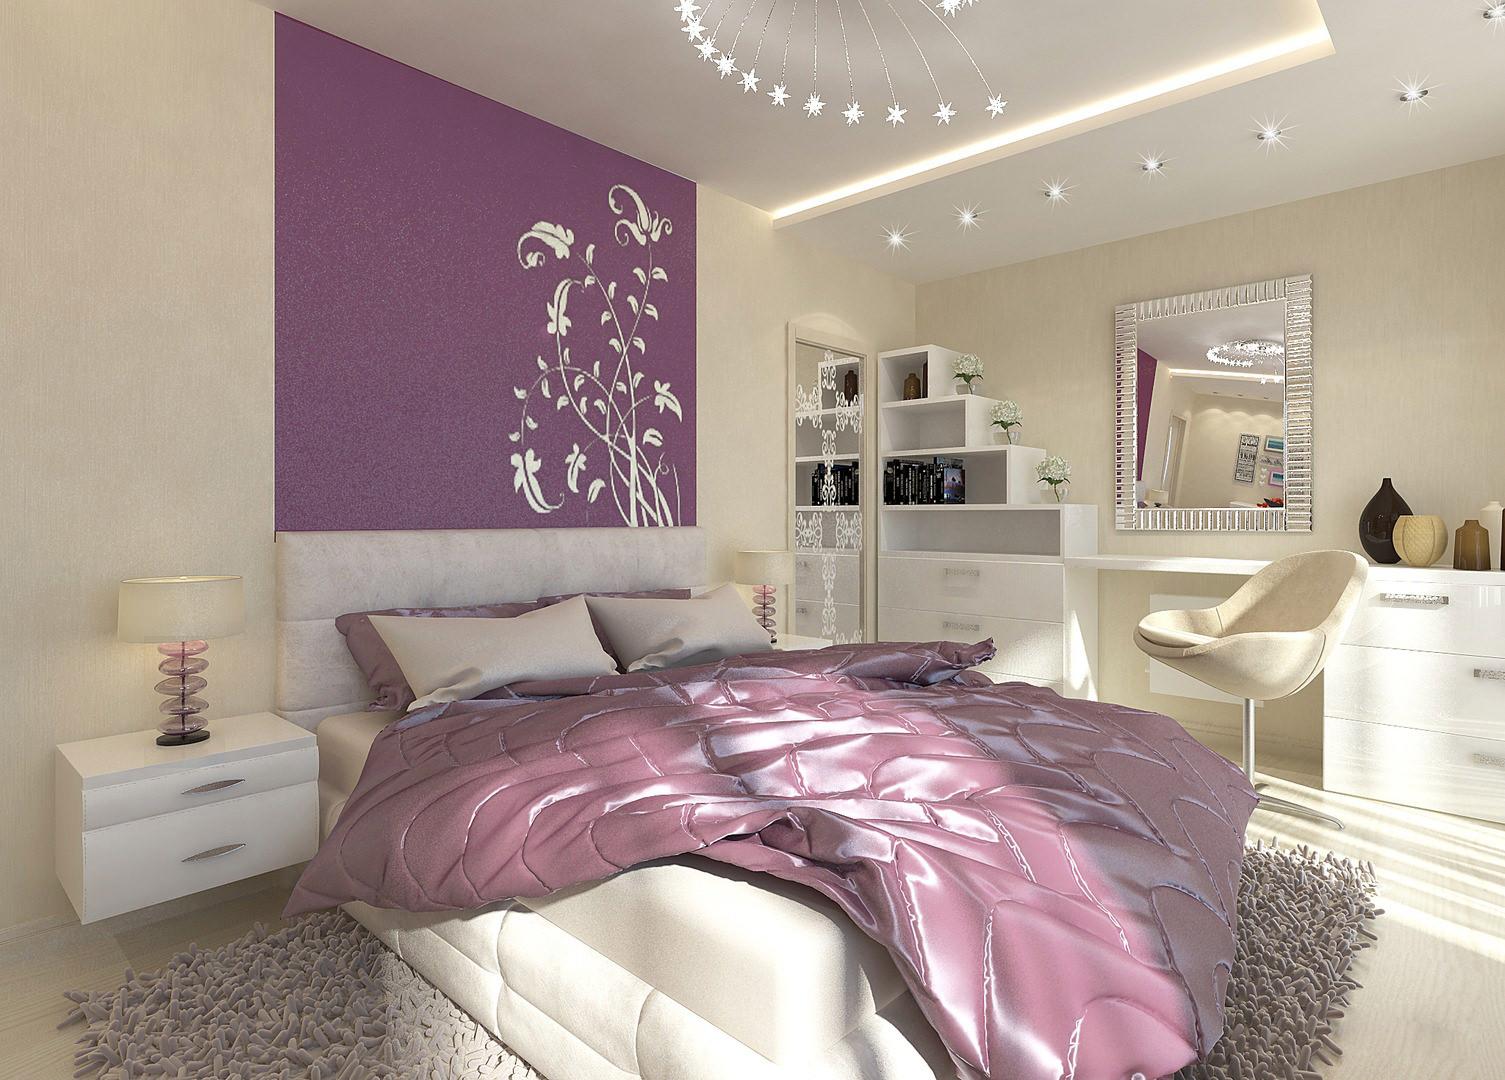 Дизайн спальни в сиреневых фиолетовых тонах дизайн